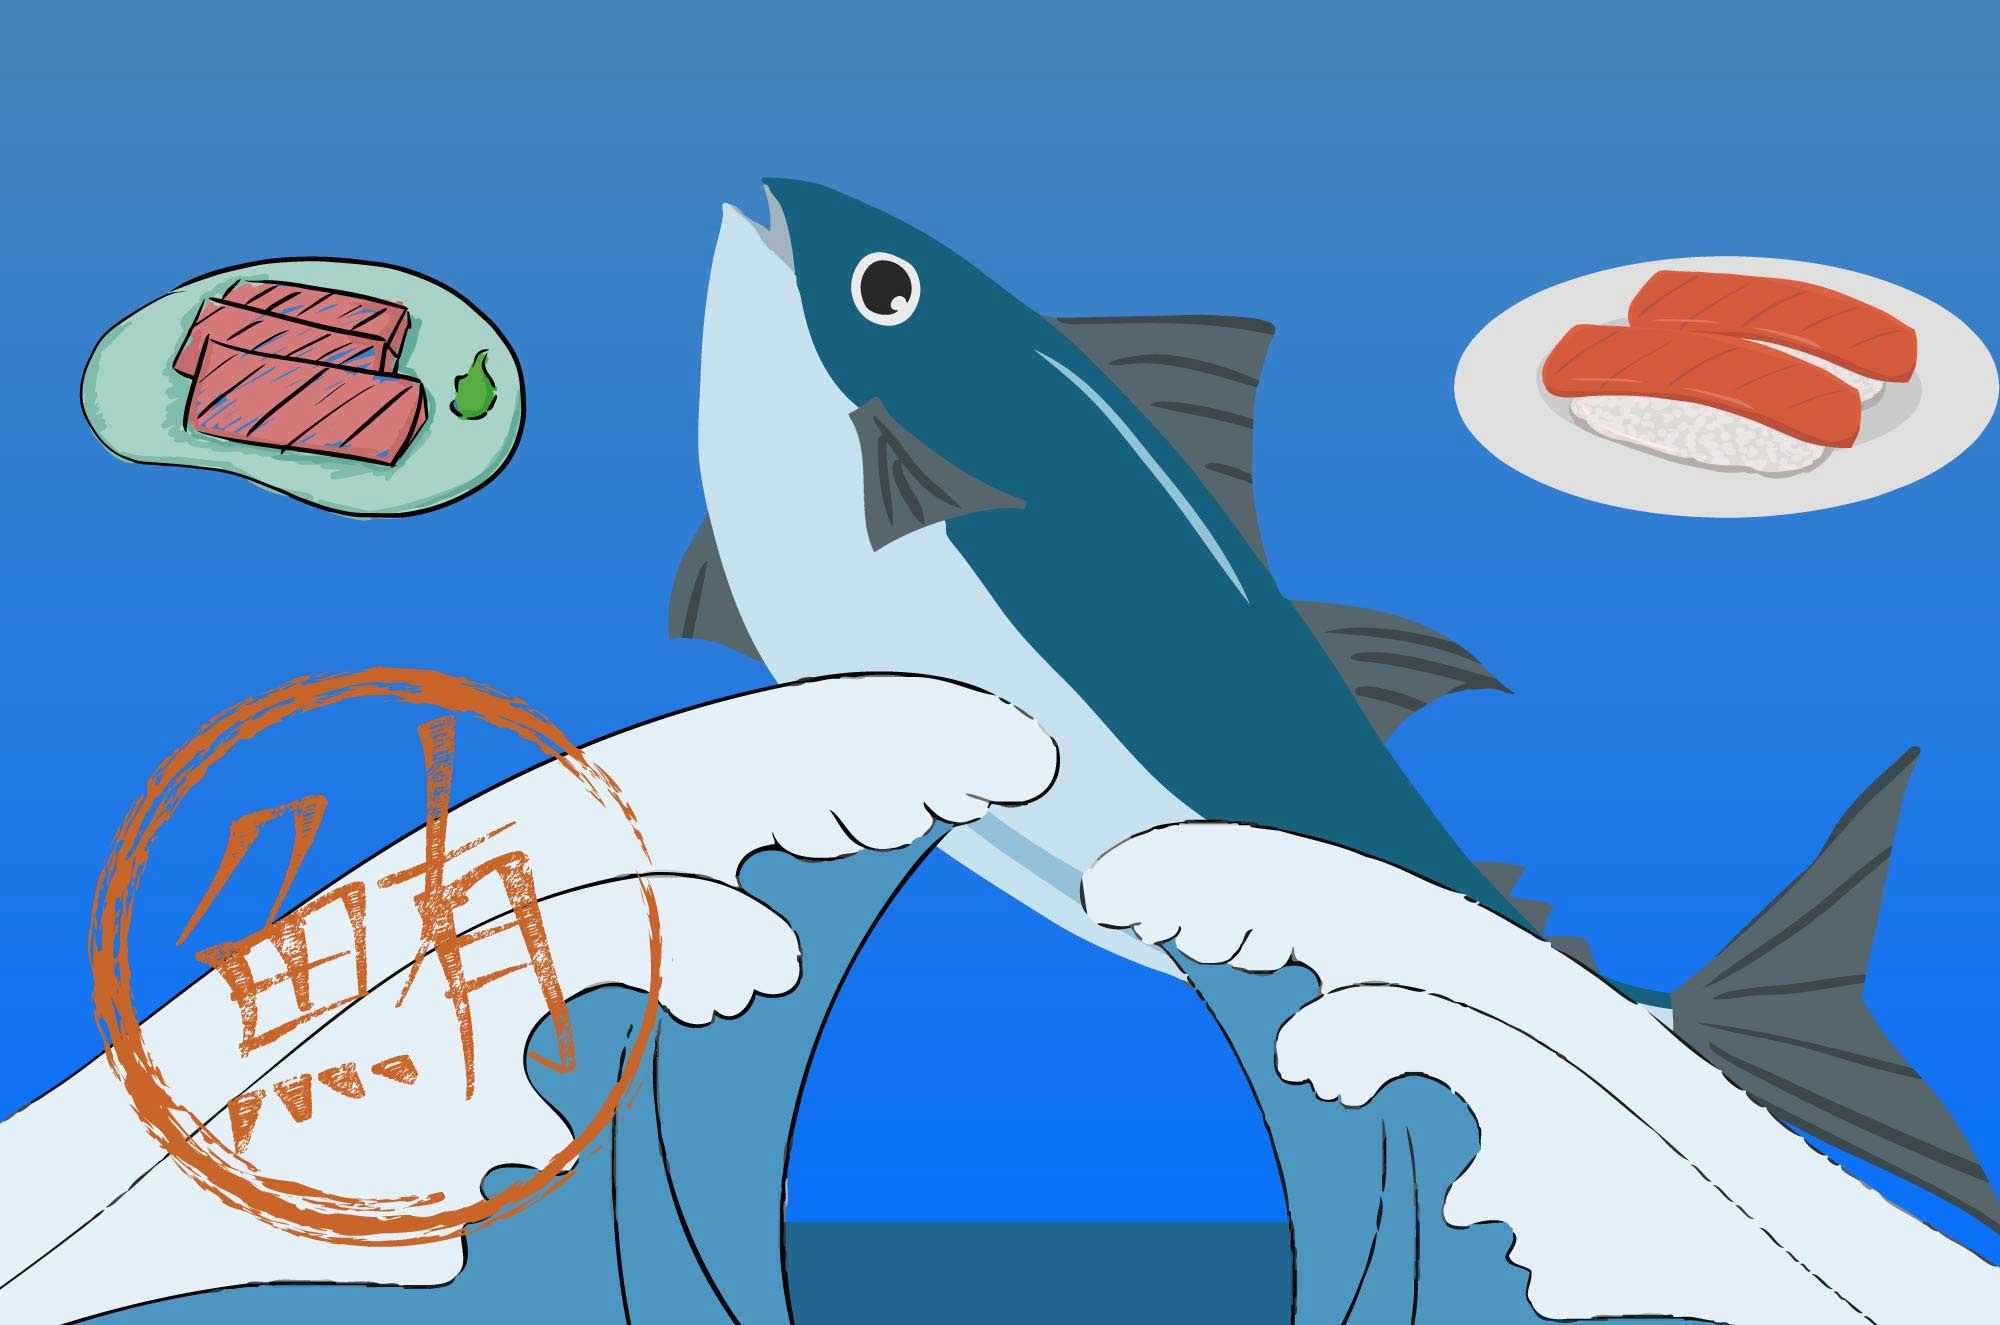 マグロのイラスト - 新鮮な赤みにトロお魚の無料素材